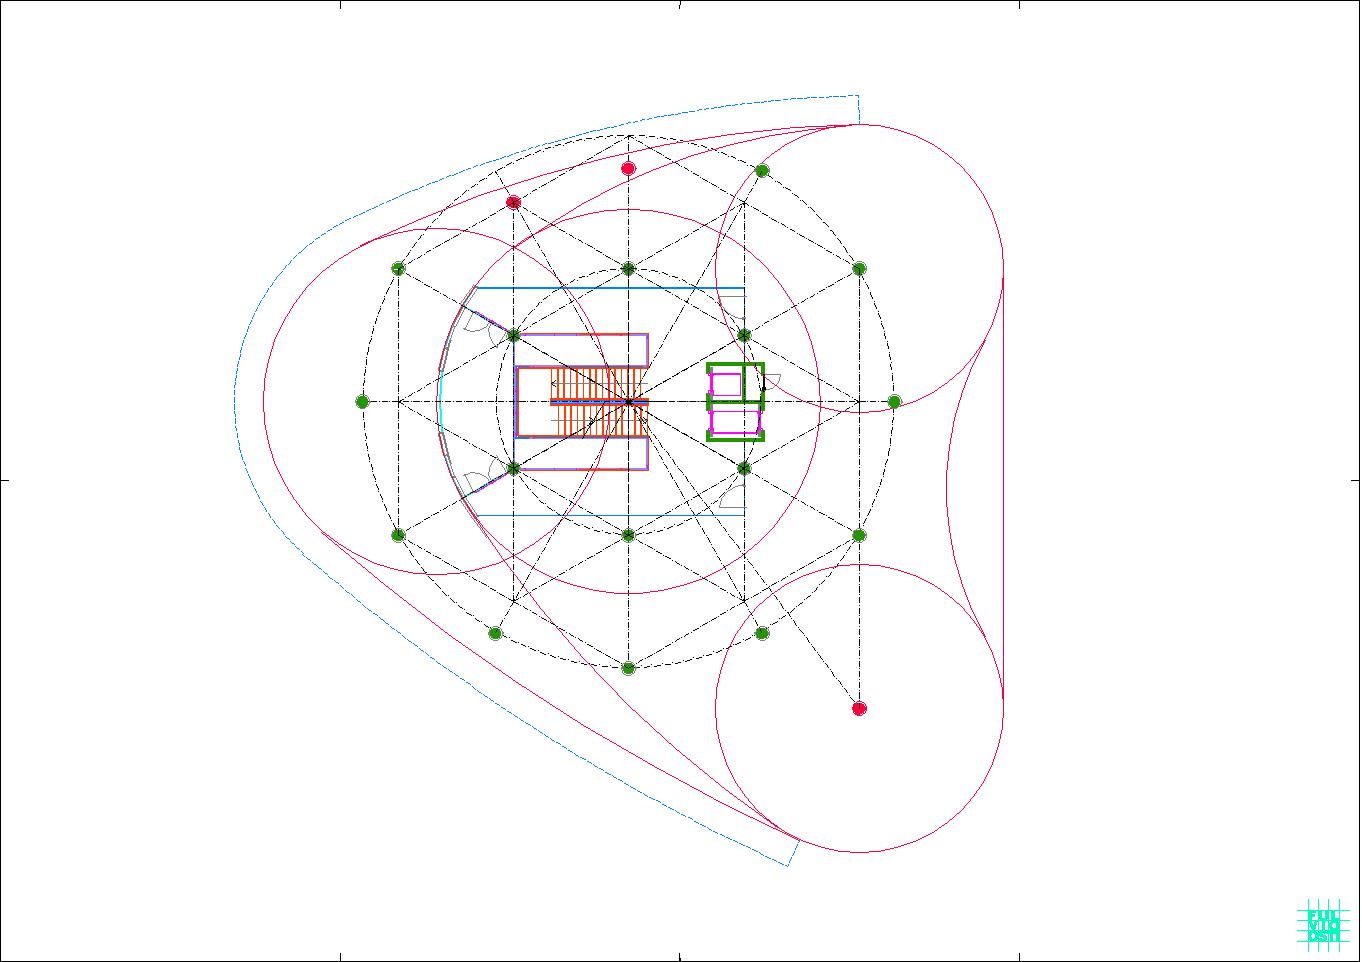 schema-geometrico-delle-strutture